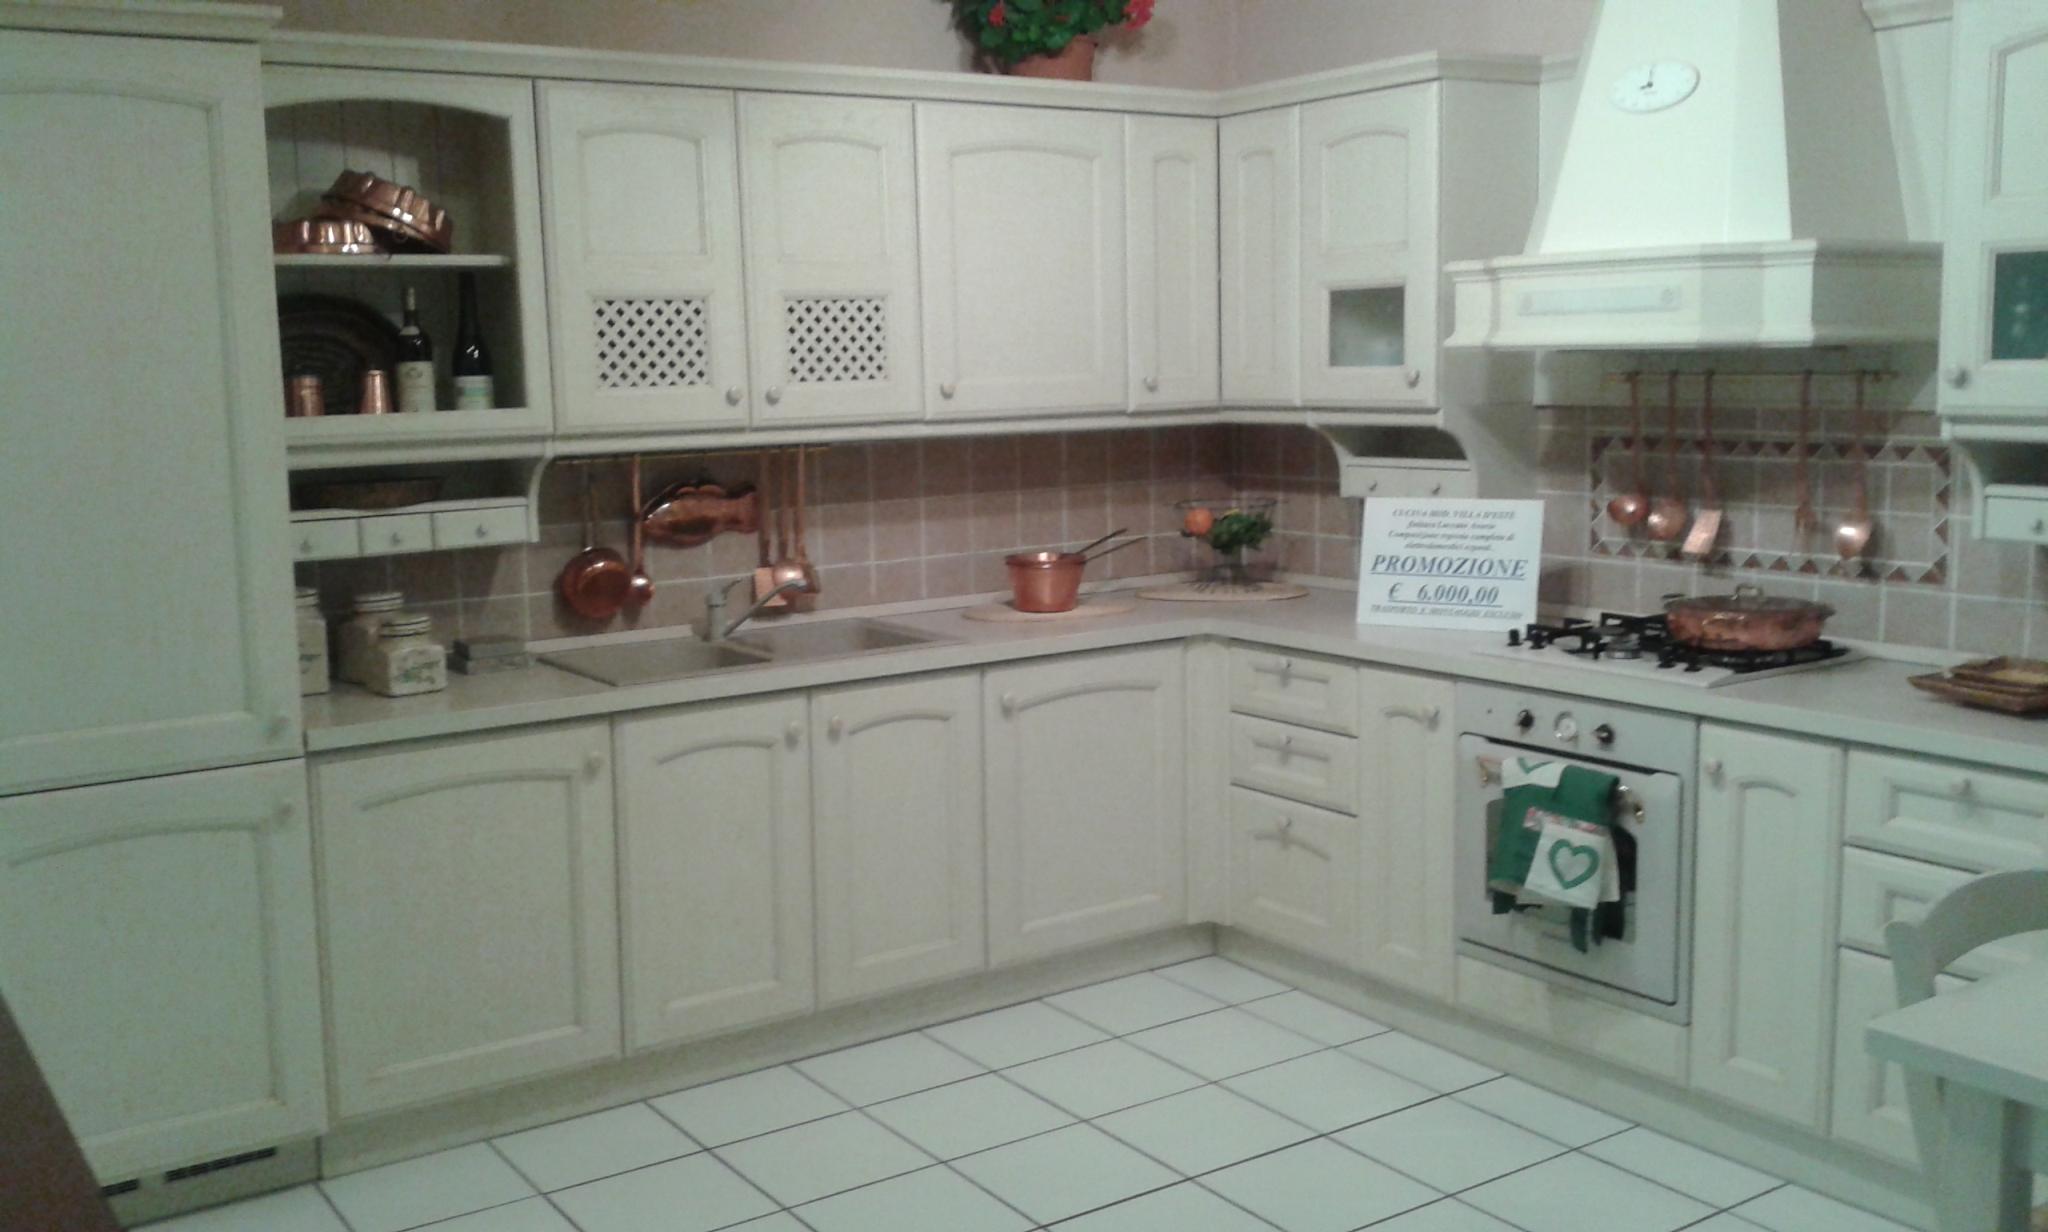 Cucina veneta cucine veneta cucine modello villa d 39 este - Cucina villa d este ...